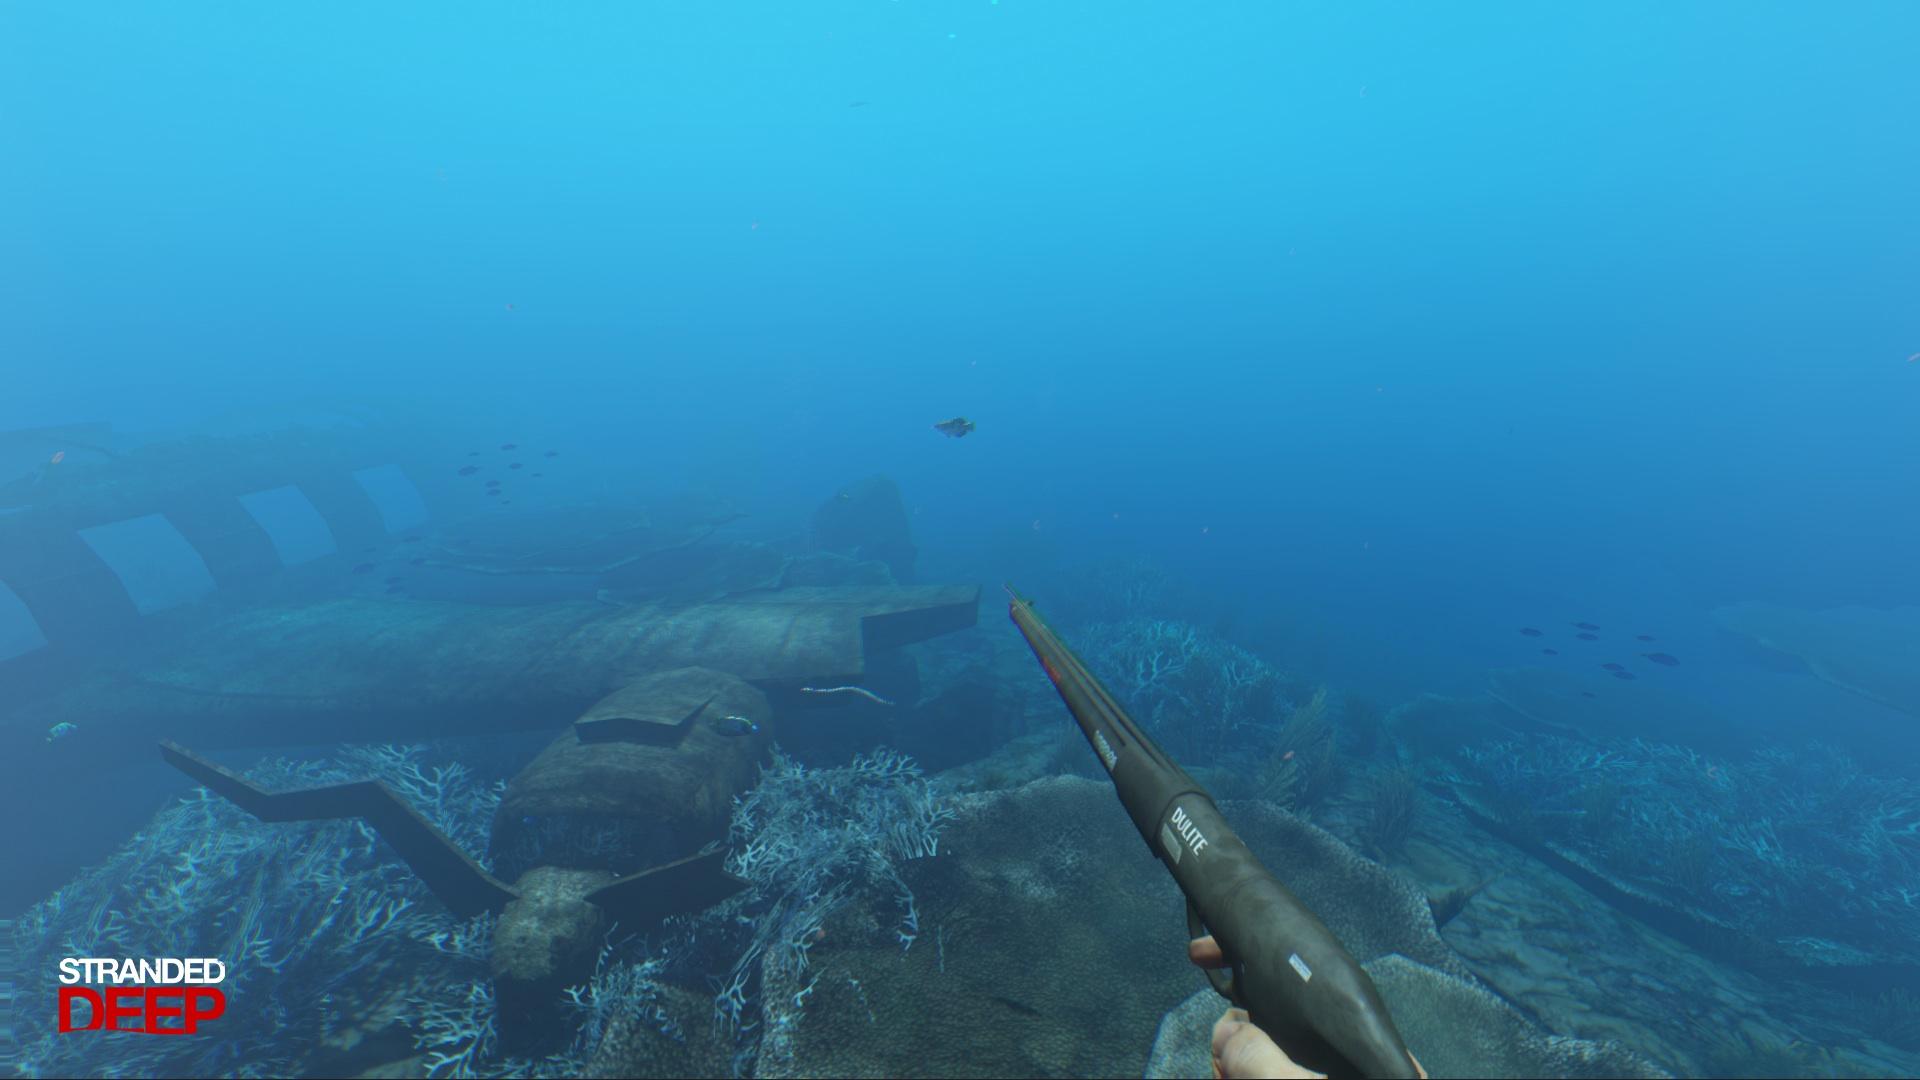 Přežili byste na ostrově? Vyzkoušet si to můžete ve hře Stranded Deep 104948